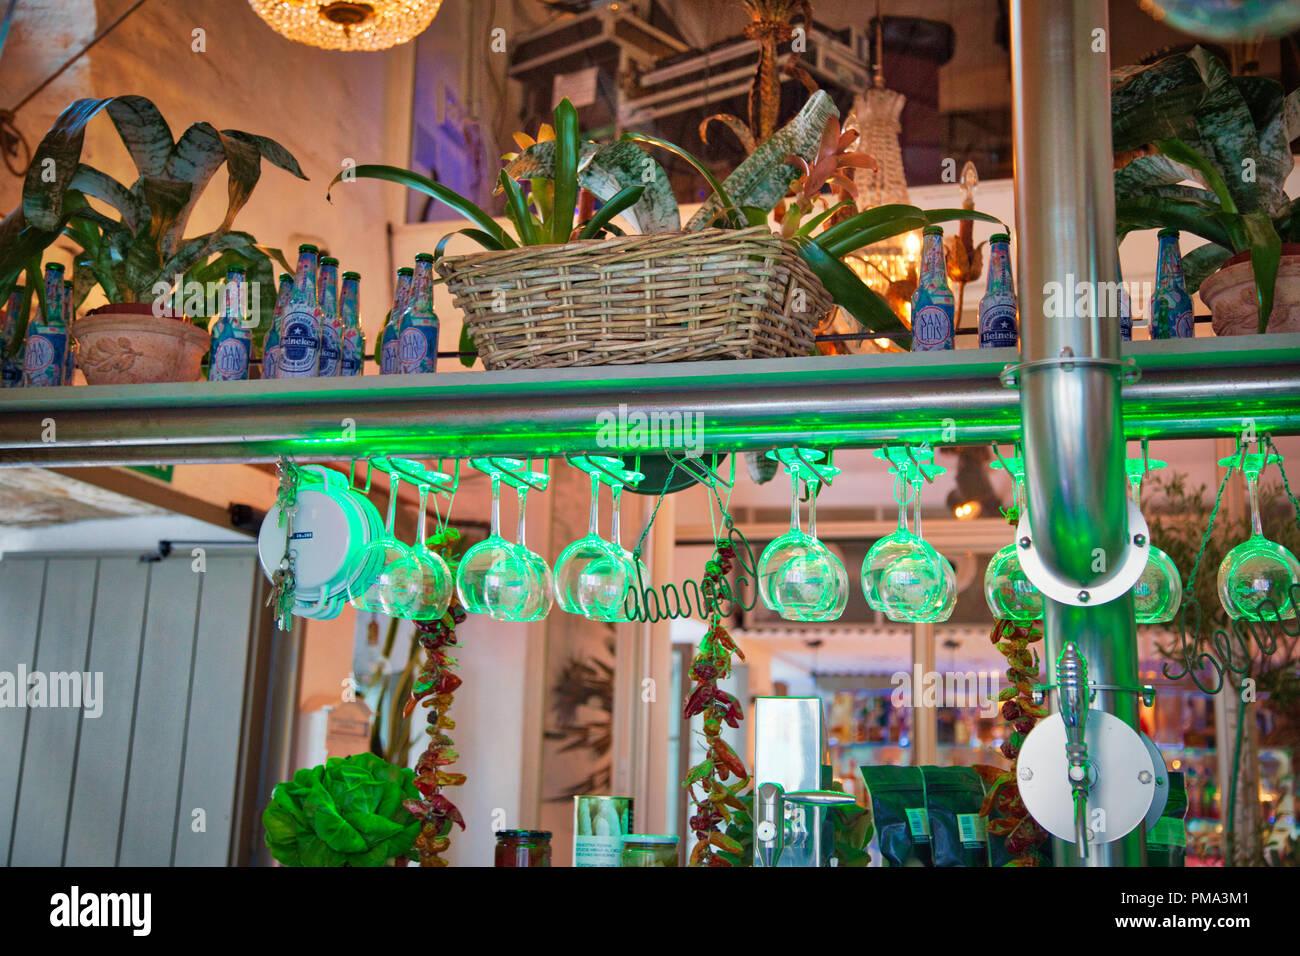 Facade Of Restaurant Cordoba Stock Photos Facade Of